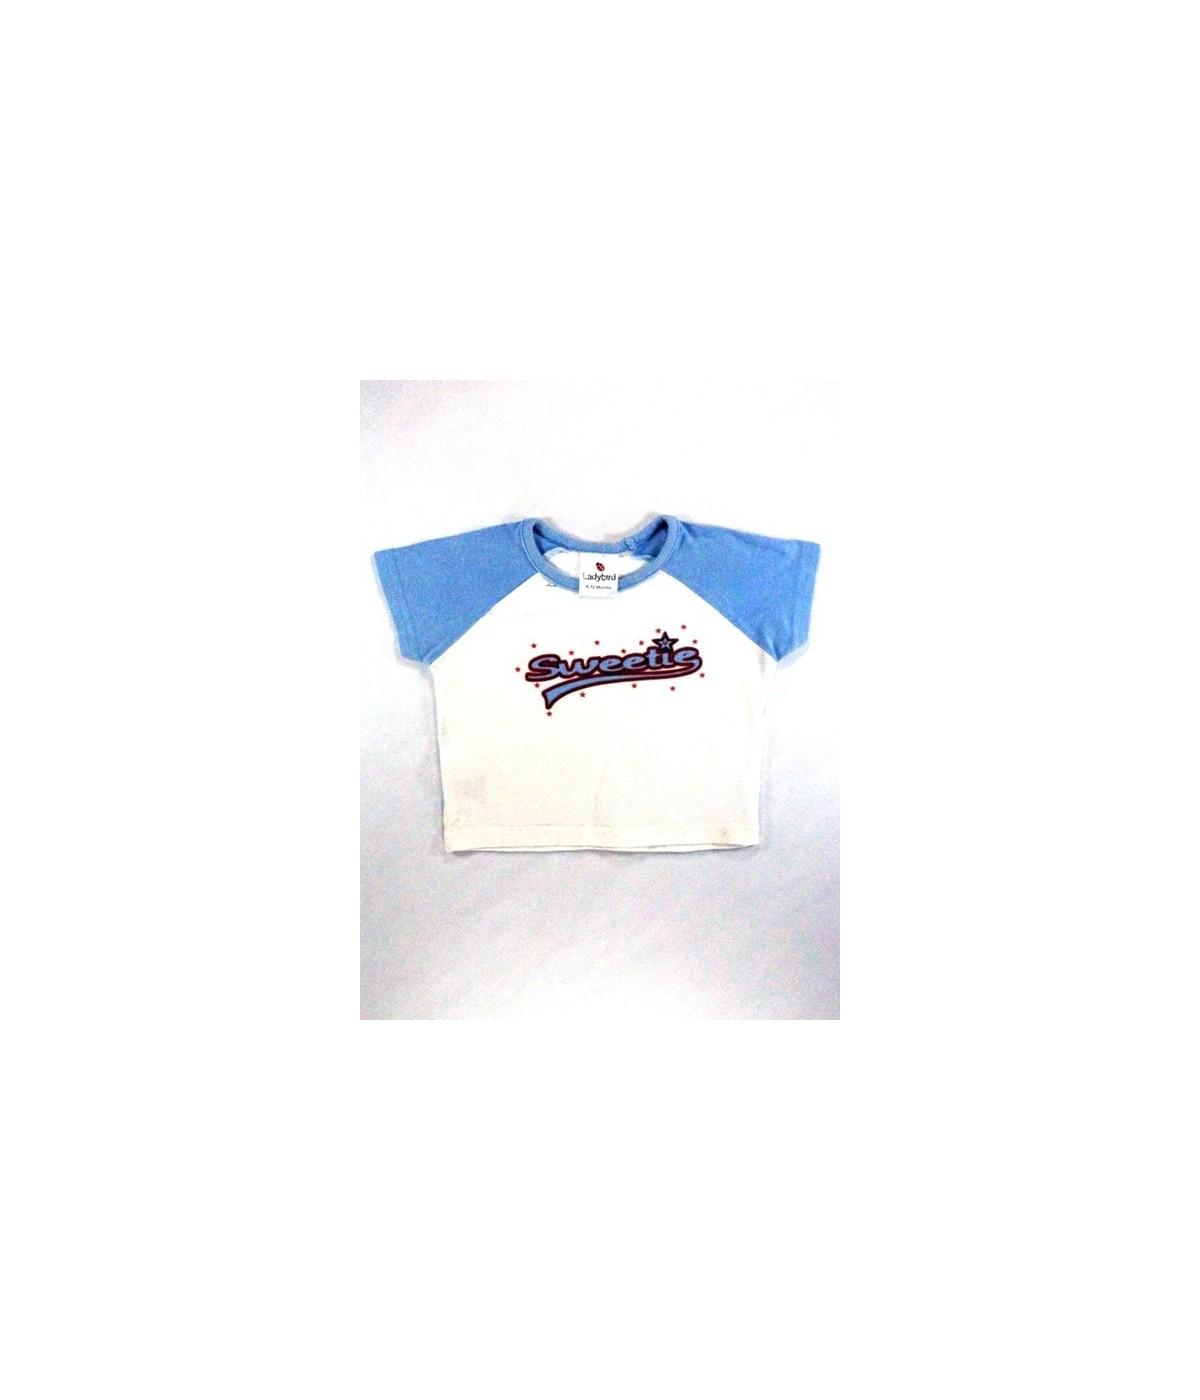 7e91f6df65 Sweetie kék-fehér póló